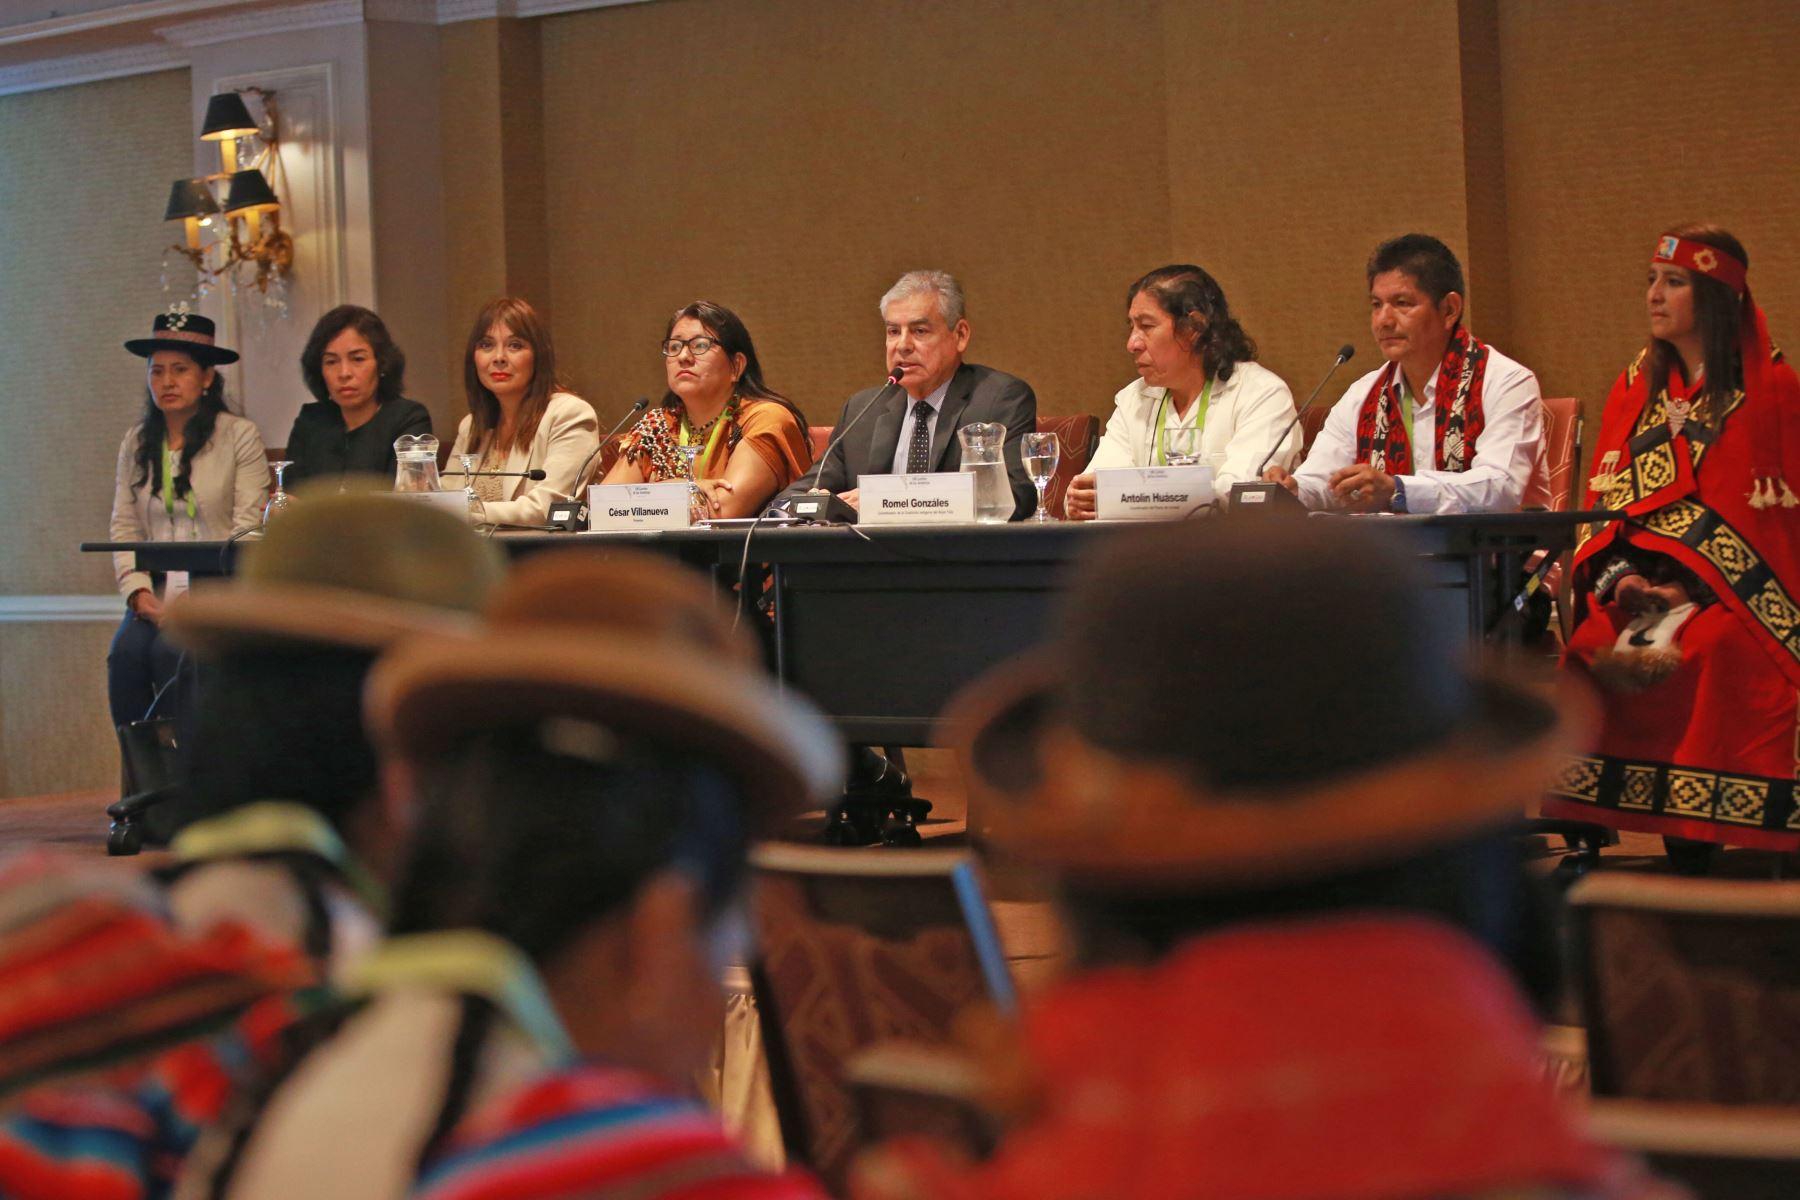 El titular del Consejo de Ministros, César Villanueva, inauguró Foro de los Pueblos Indígenas, en el marco de la Cumbre de las Américas. Foto: ANDINA/ Jhony Laurente